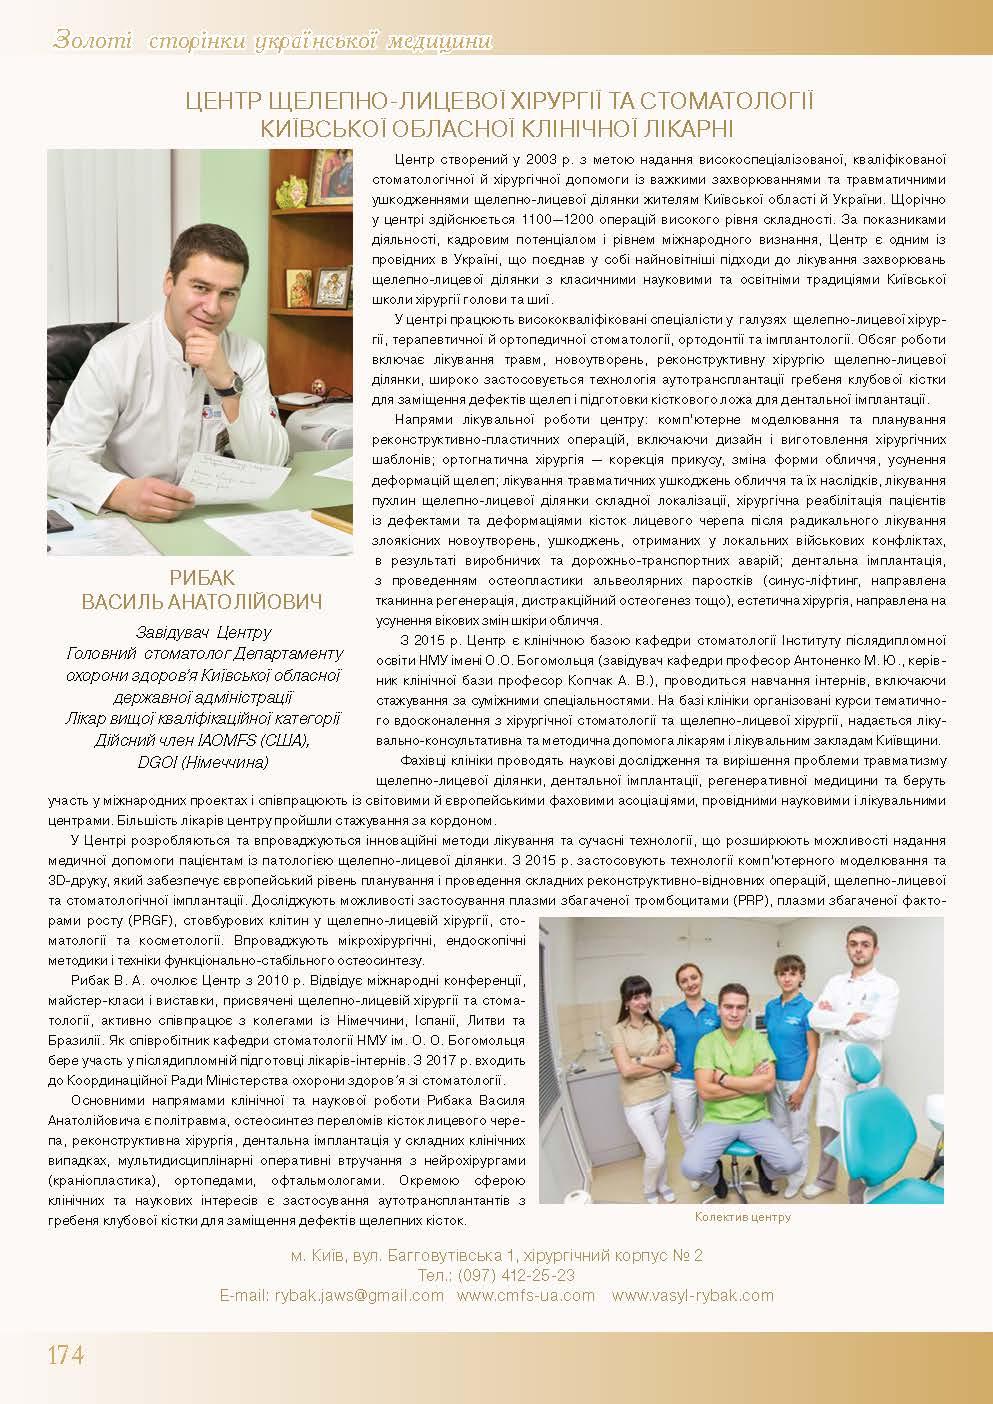 Центр щелепно-лицевої хірургії та стоматології Київської обласної клінічної лікарні